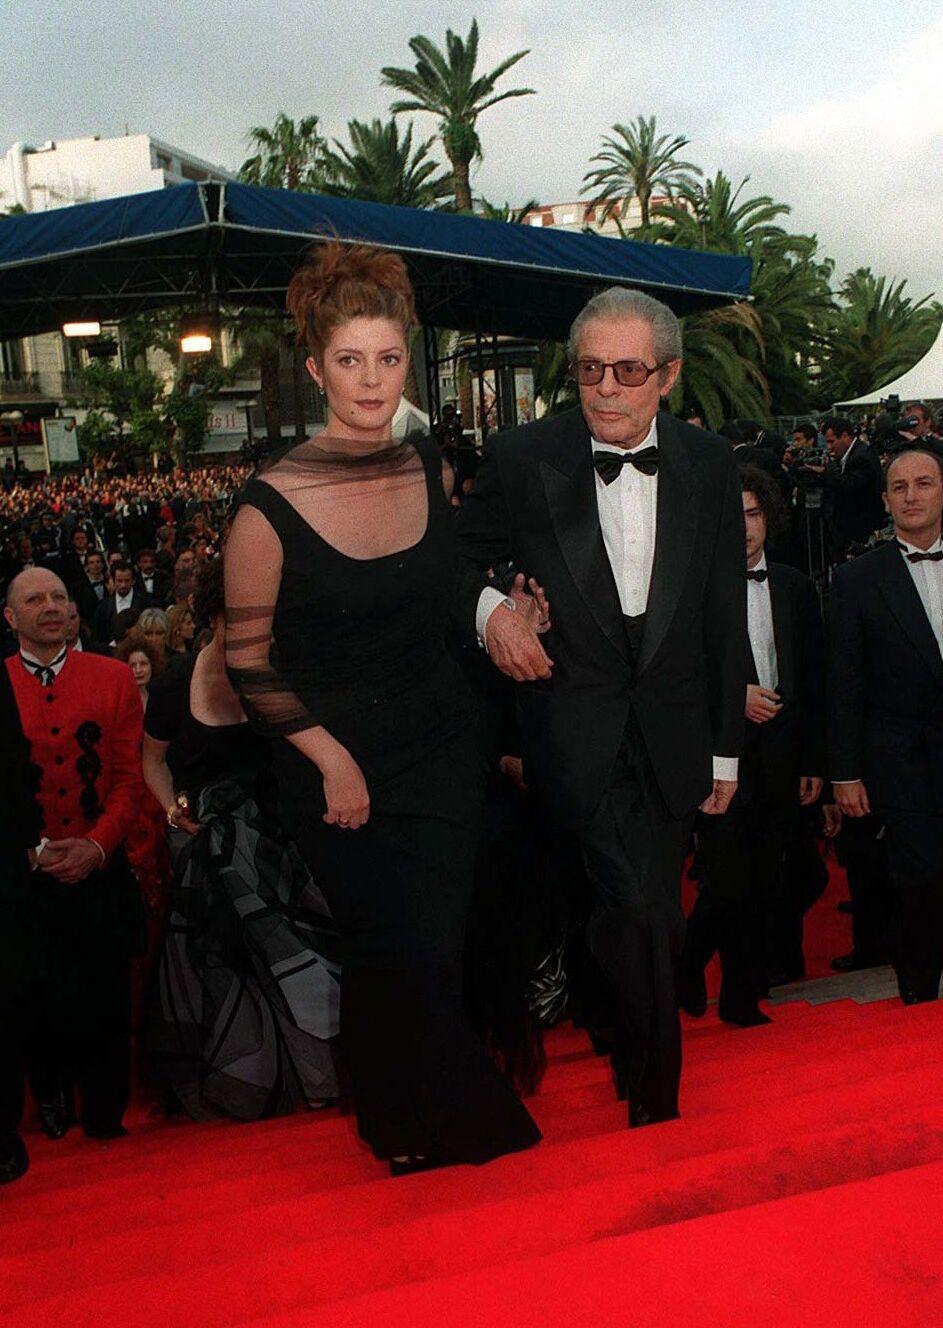 Chiara et Marcello Mastroianni montent ensemble les marches de Cannes, en 1996, pour le film